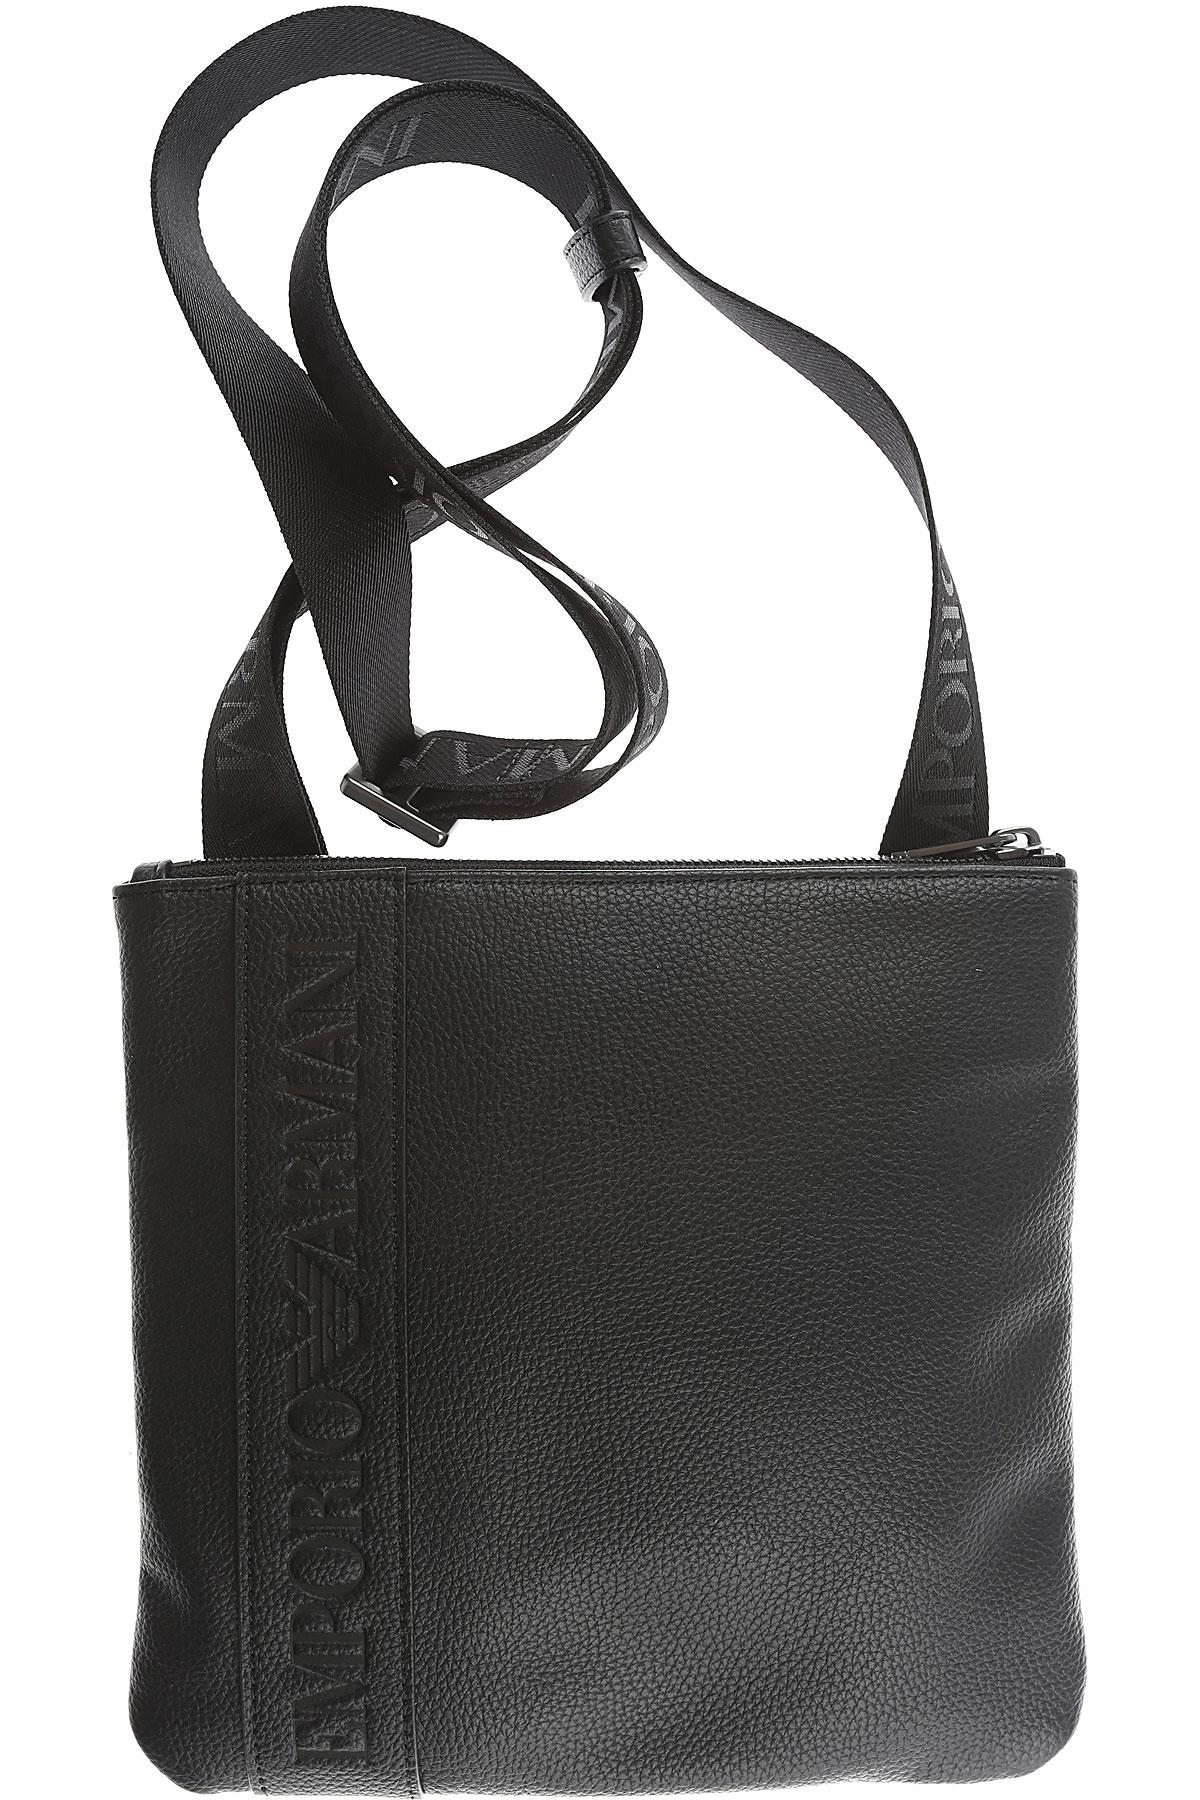 758a87feb6 Emporio Armani Messenger taška přes rameno pro muže Ve výprodeji ...